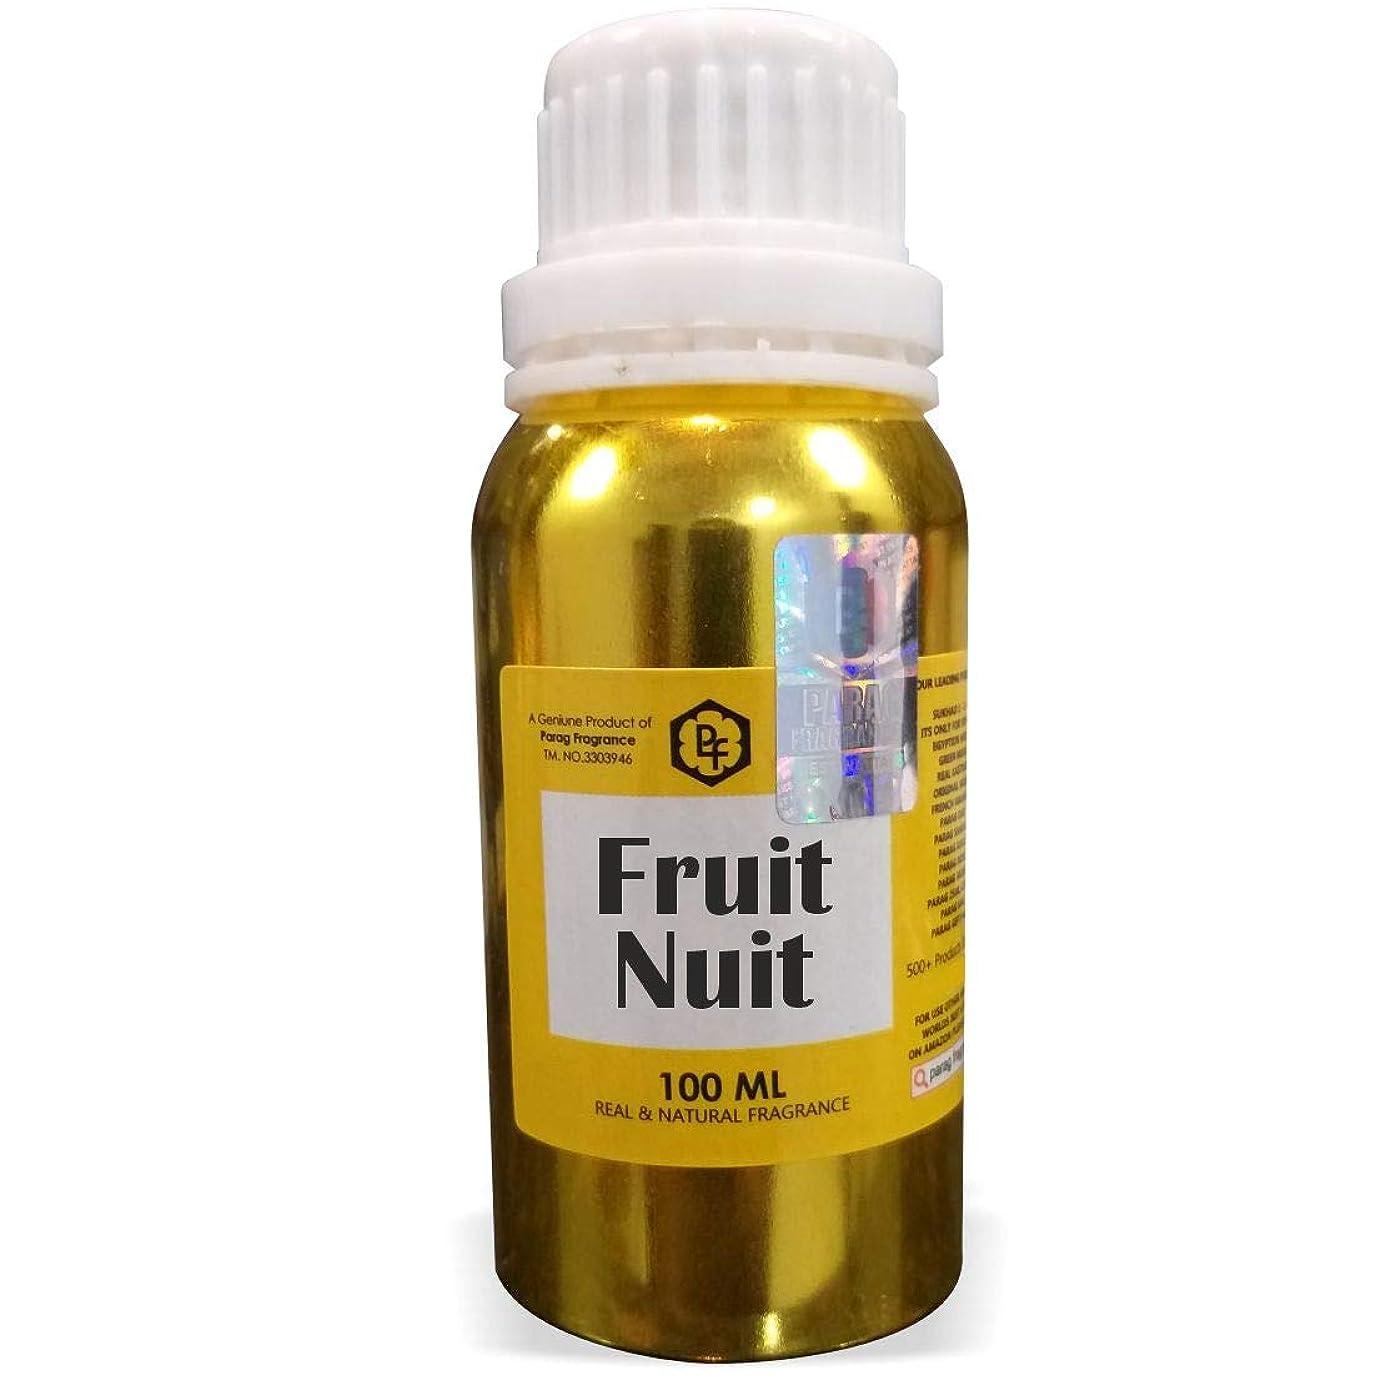 矢印ミスペンド混合Paragフレグランスフルーツニュイアター100ミリリットル(男性用アルコールフリーアター)香油| 香り| ITRA